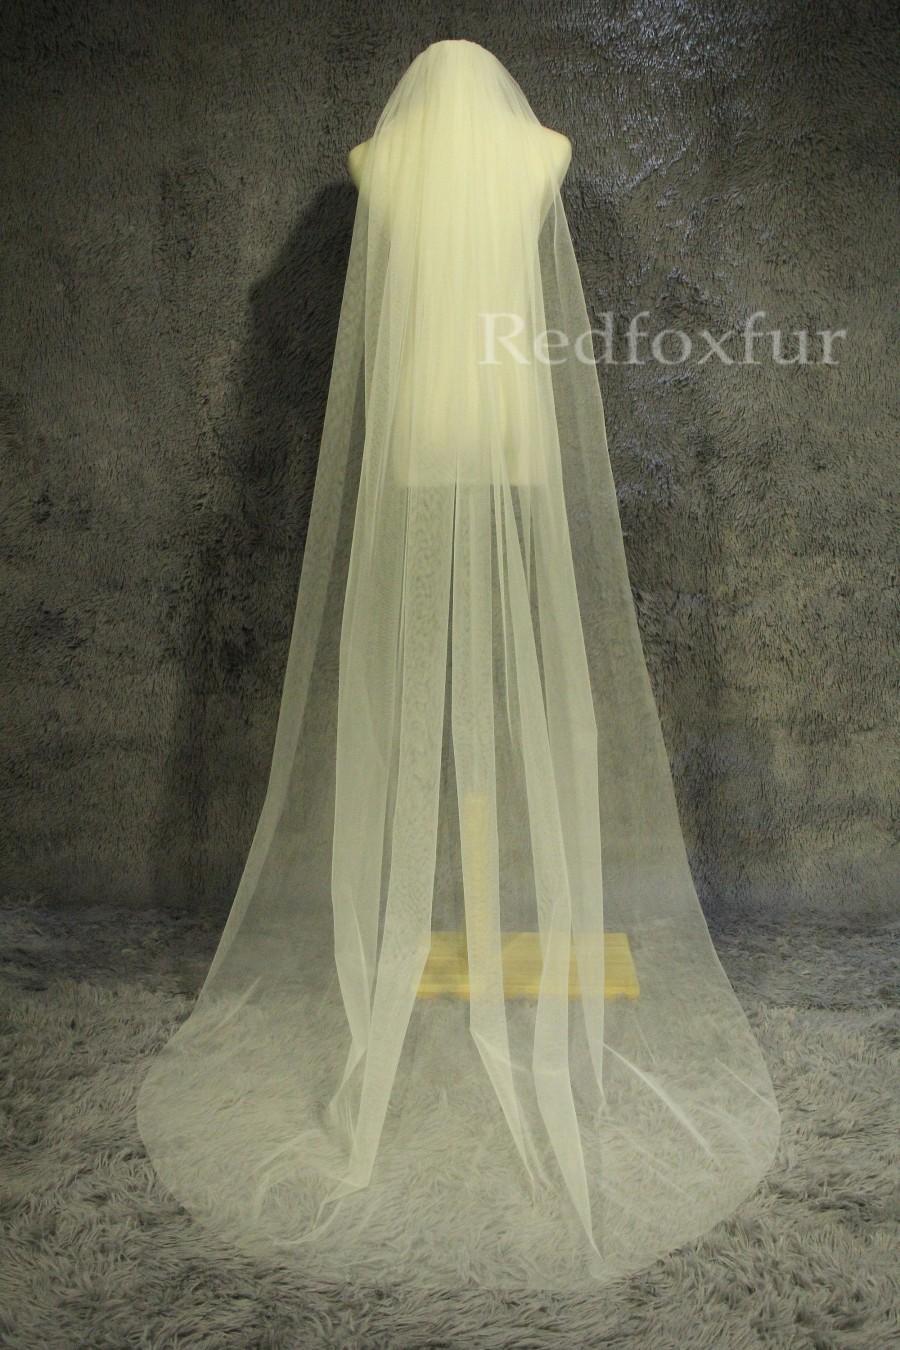 زفاف - Custom veil,Minimalist design veil,Soft tulle veil,1Tier cathedral veil,cut edge veil,chapel veil,Wedding Bridal veil,Accessories